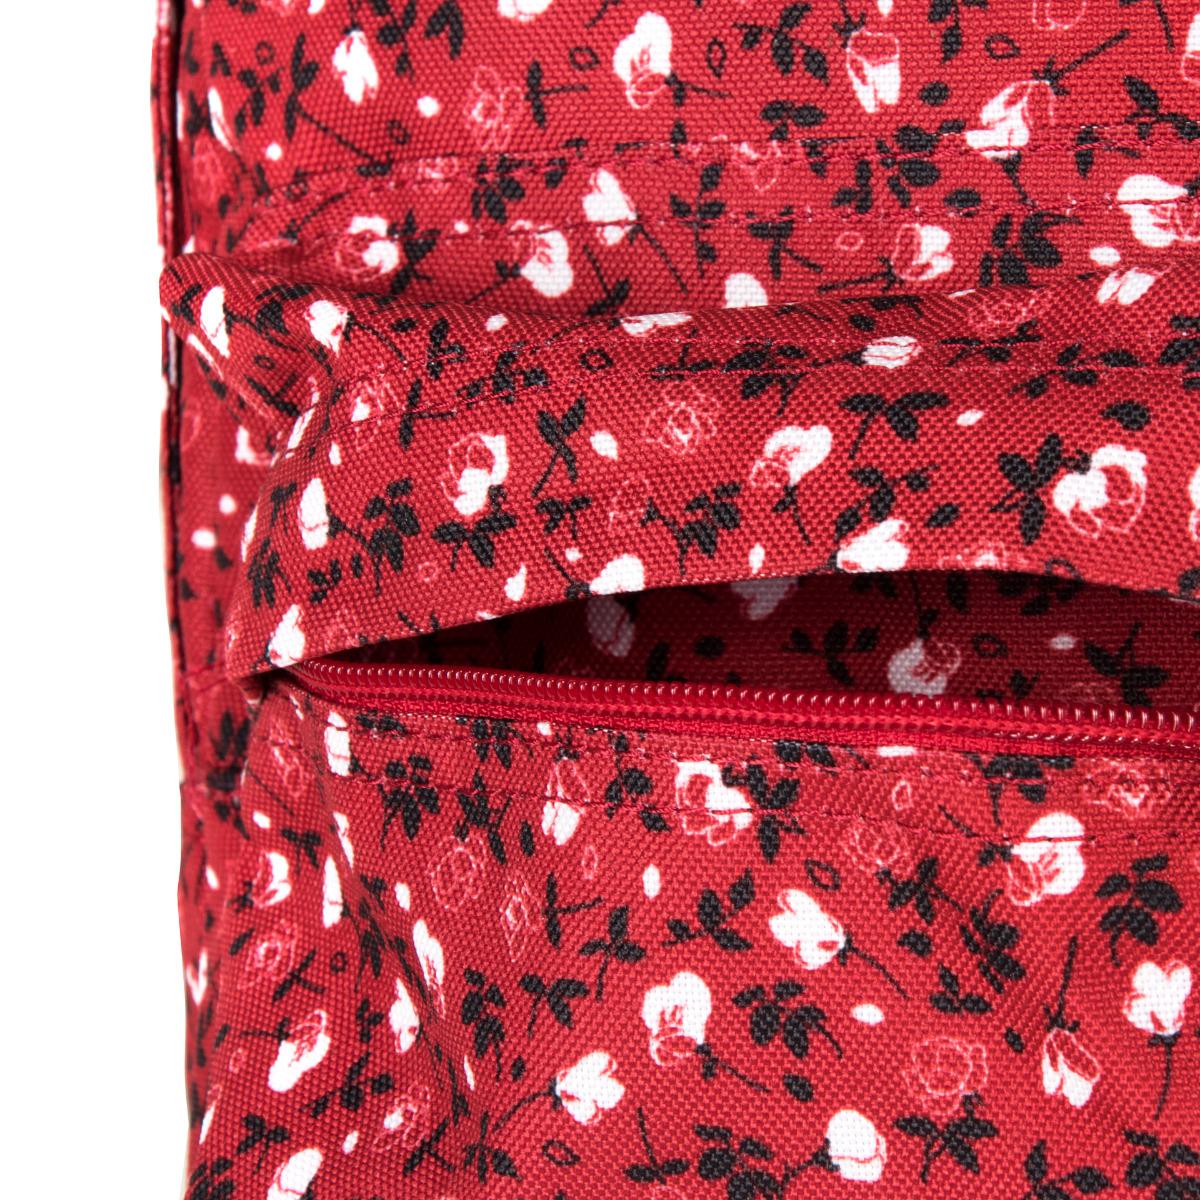 Dakine 365 Mini 12L Crimson Rose Ak hľadáte štýlový voľnočasový batoh, do ktorého sa zmestí pár každodenných nevyhnutností a nebude vás zbytočne ťažiť na chrbte, je pre vás 365 Mini 12L ten pravý.  oddiel na tablet alebo iPad predné vrecko na drobnosti nastaviteľné ramenné popruhy spevnené dno vodoodpudivý povrch